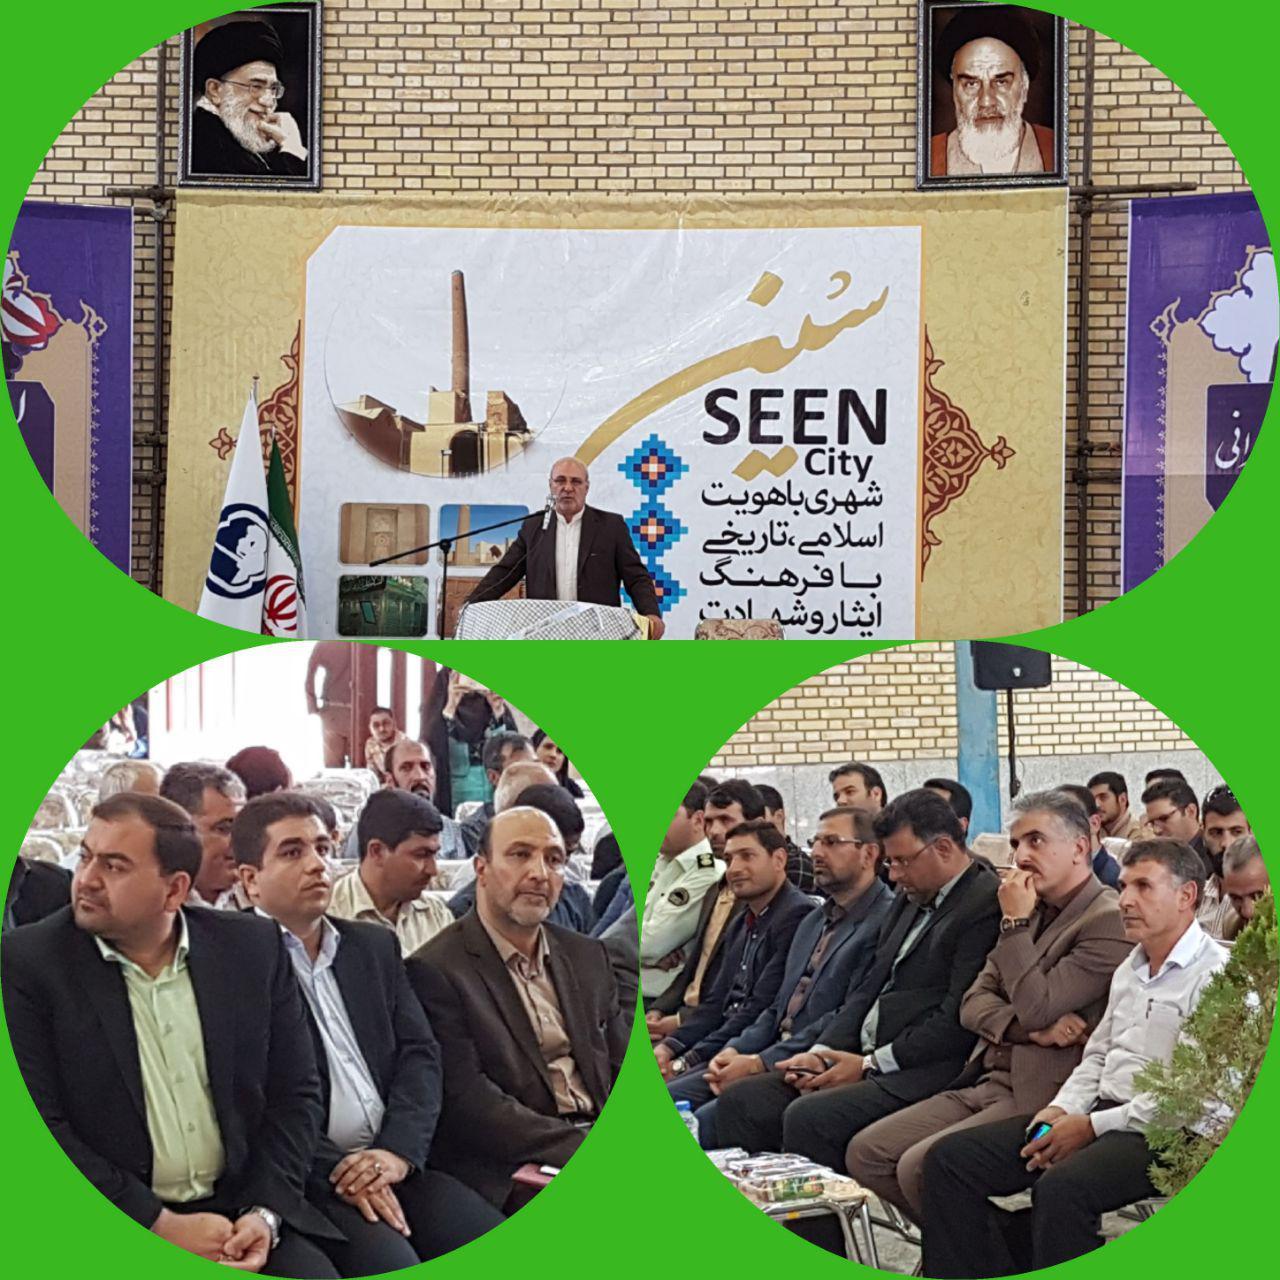 حضور و سخنرانی آقای حاجی در مراسم تودیع و معارفه شهرداران شهرهای سین،خورزوق،دستگرد و گرگاب